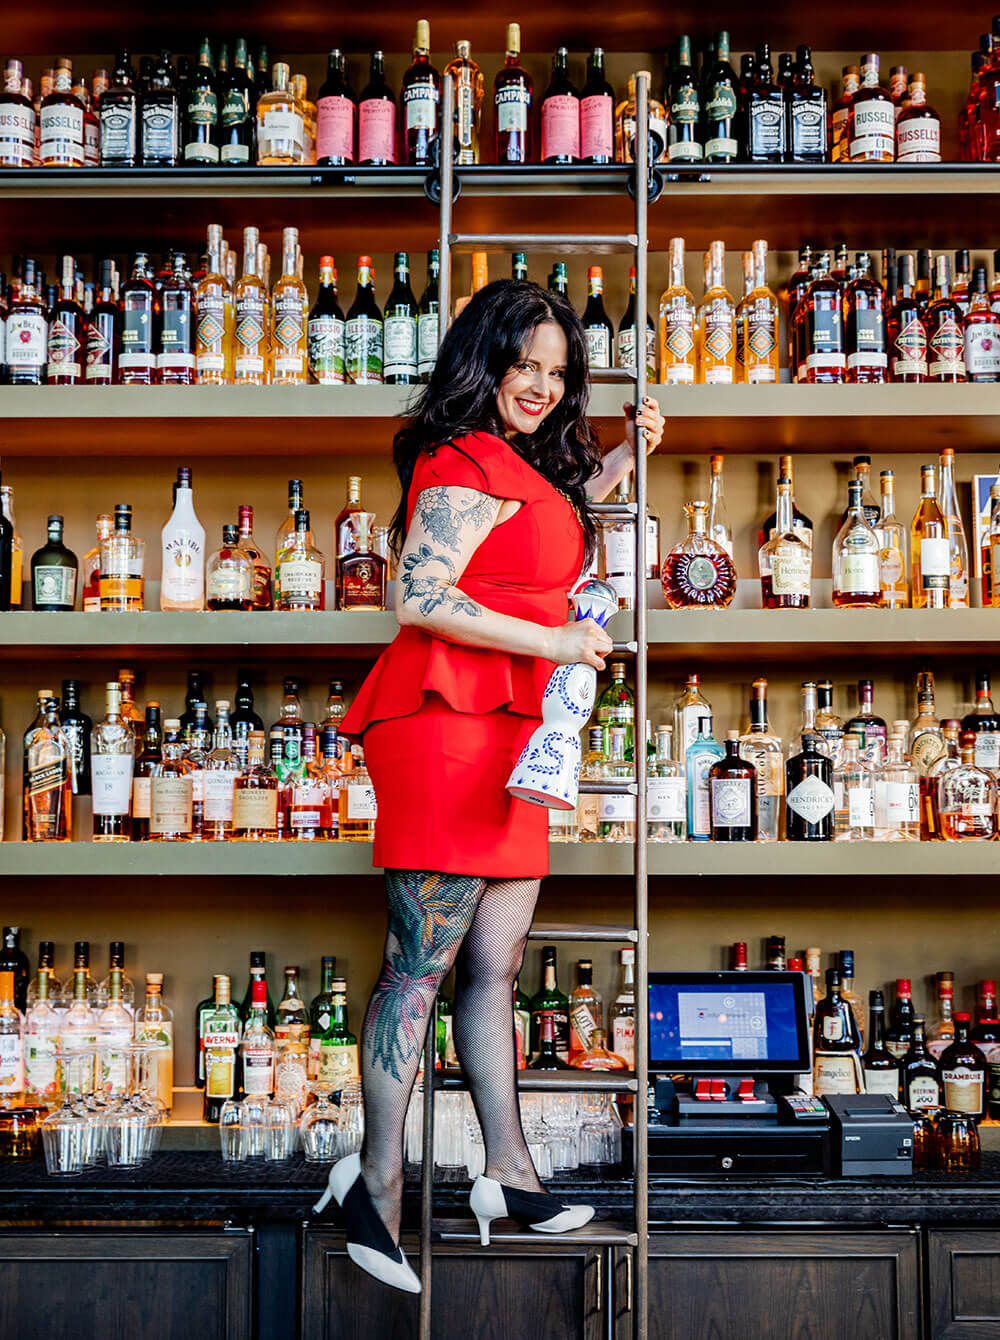 Megan our rockstar bartender